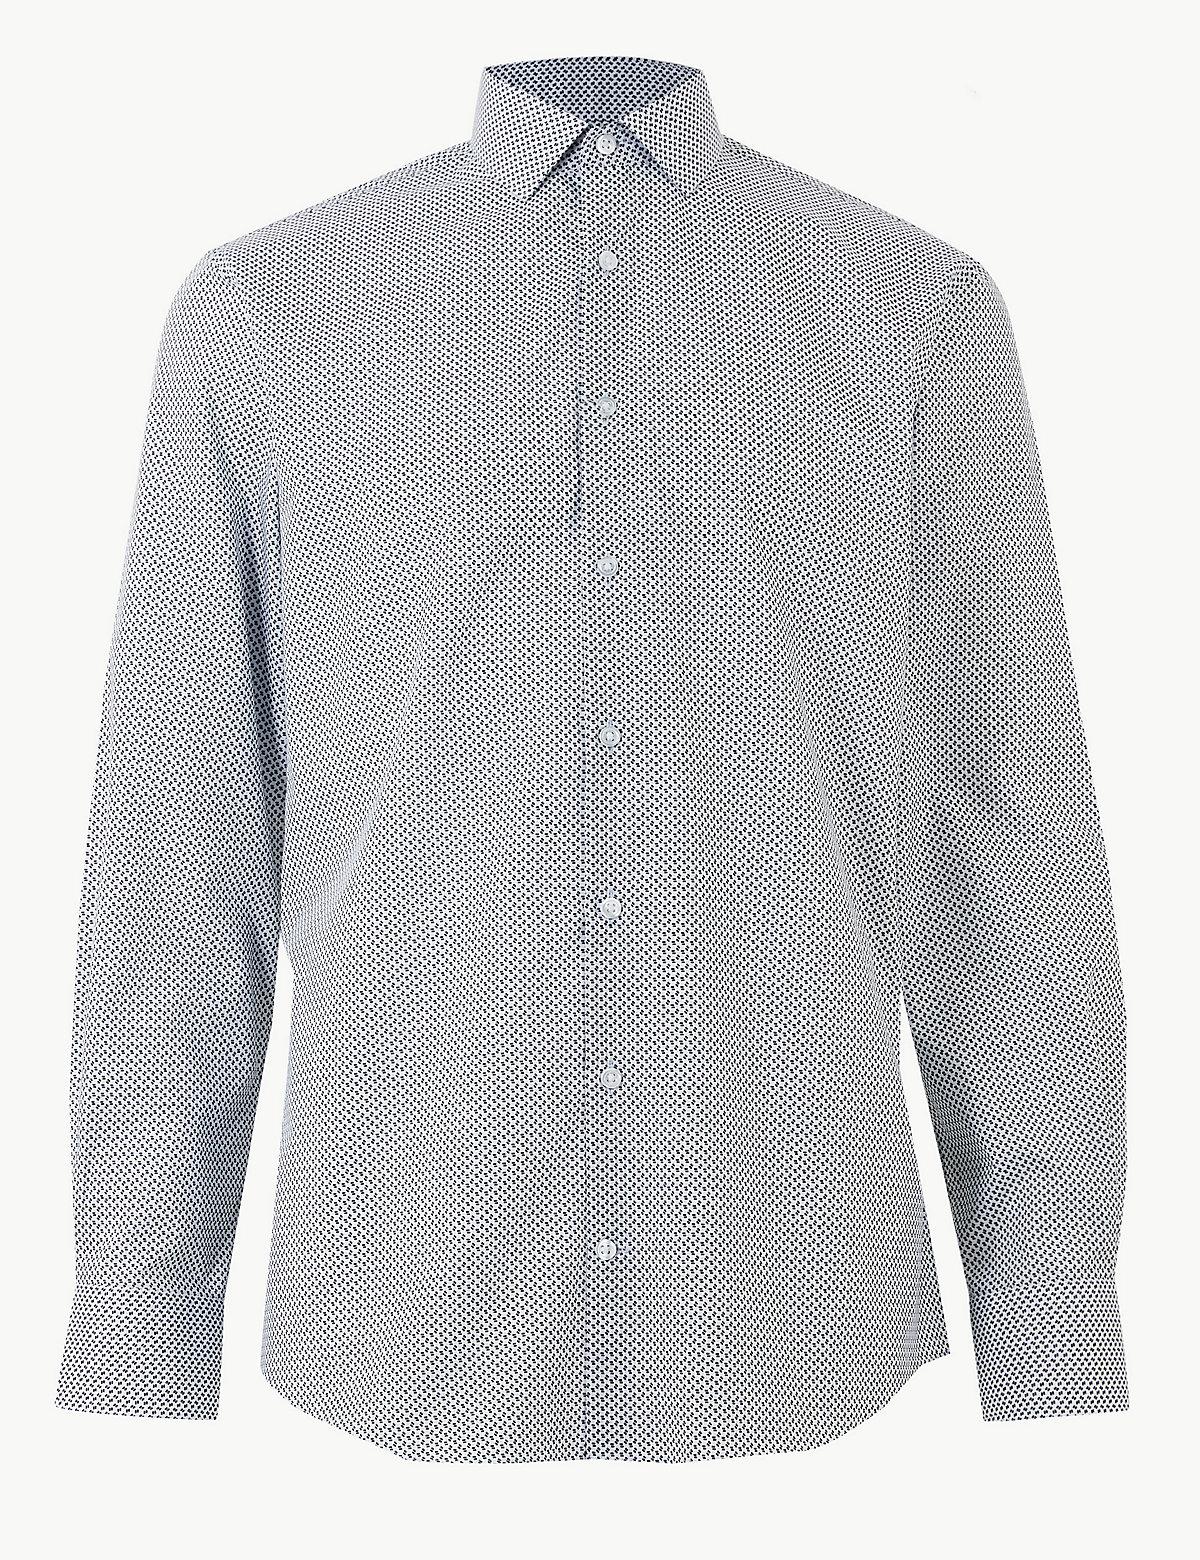 Рубашка мужская Easy Care с добавлением хлопка